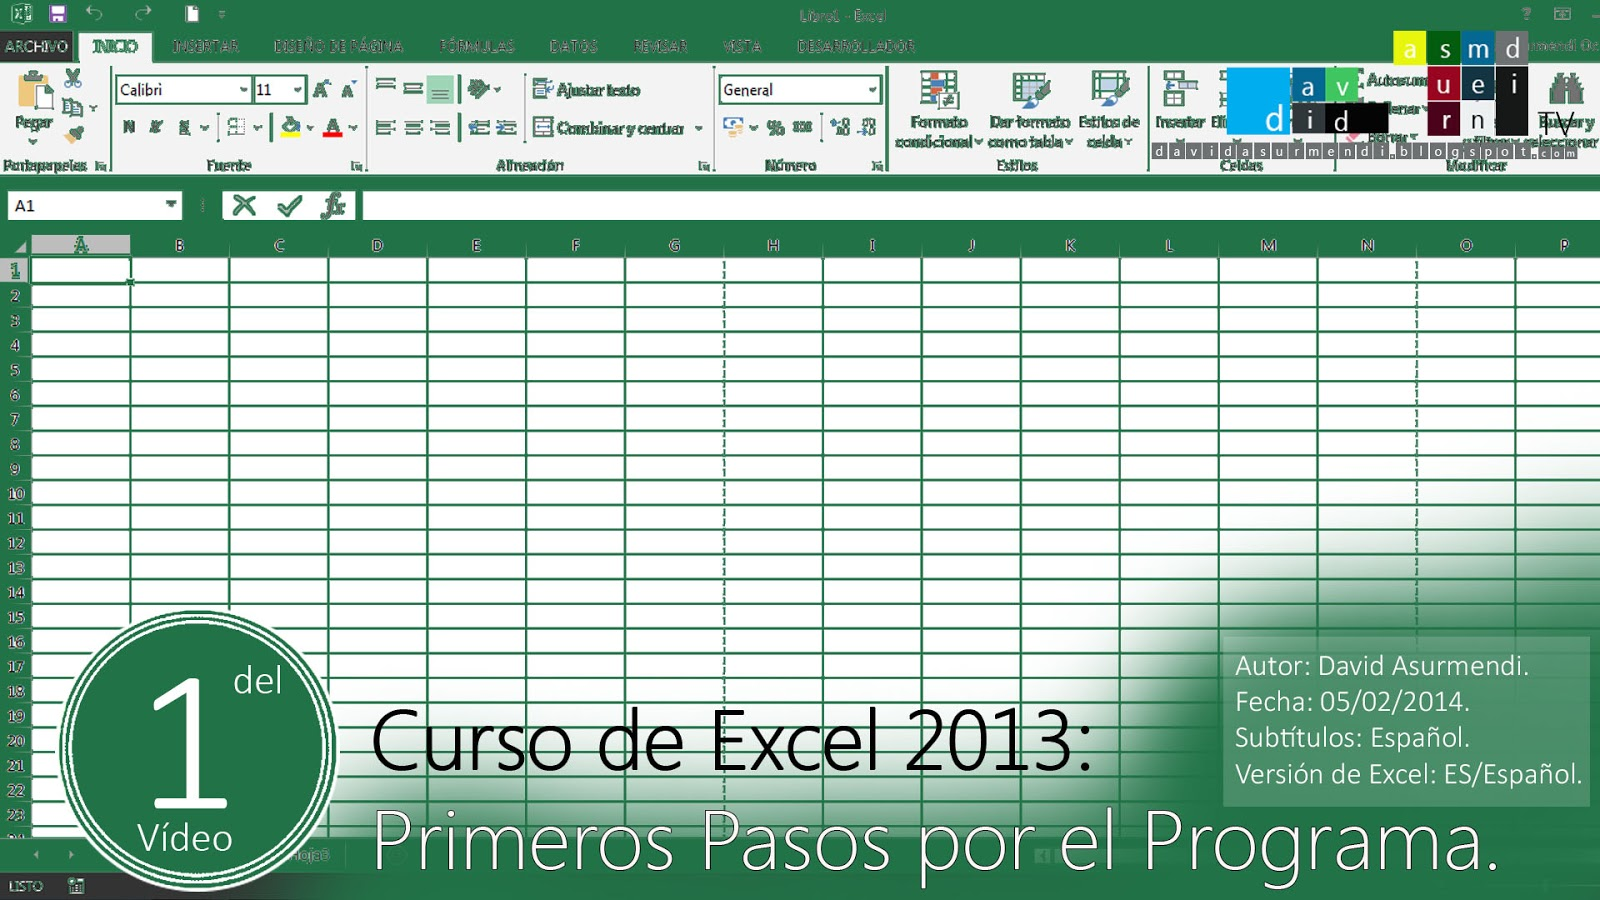 Descargar Manual De Excel Gratis En Espanol Completo